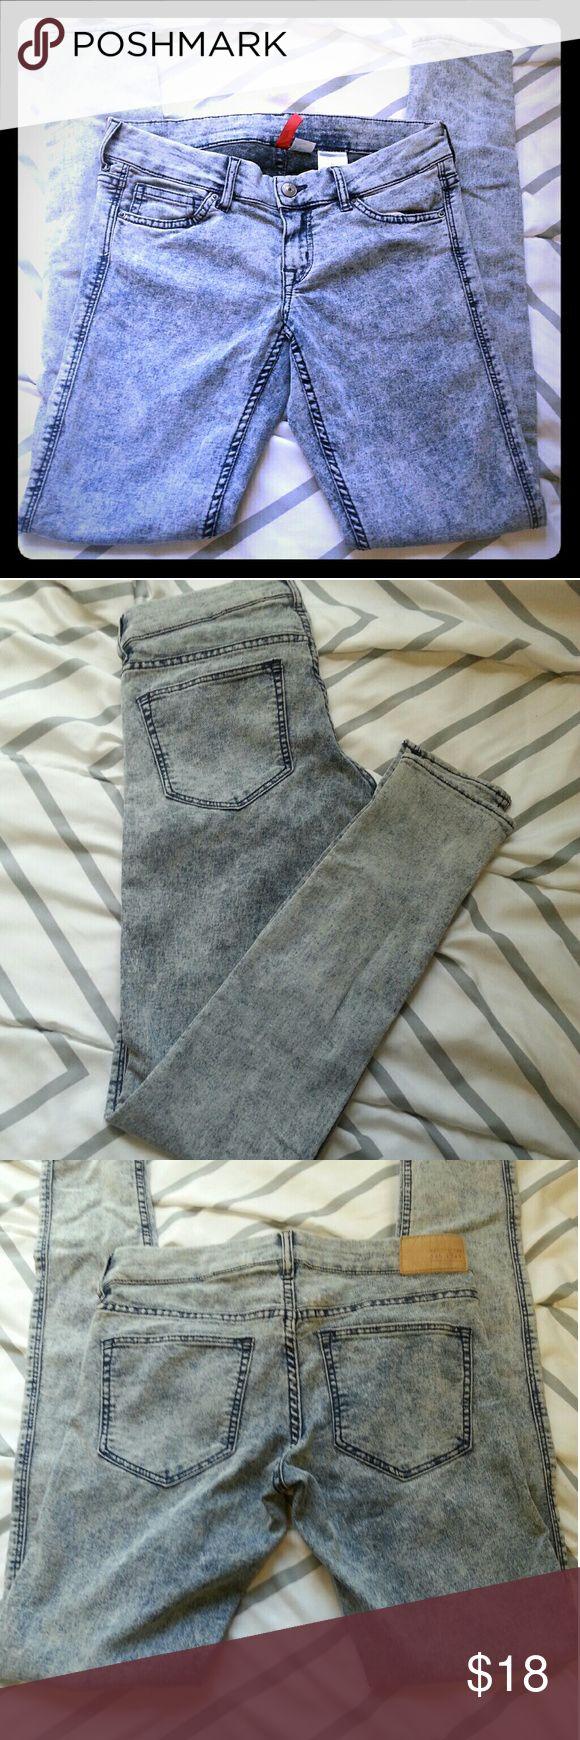 H&M divided acid wash jeans Blue acid wash jeans from H&M. Skinny jeans. NWOT H&M Jeans Skinny